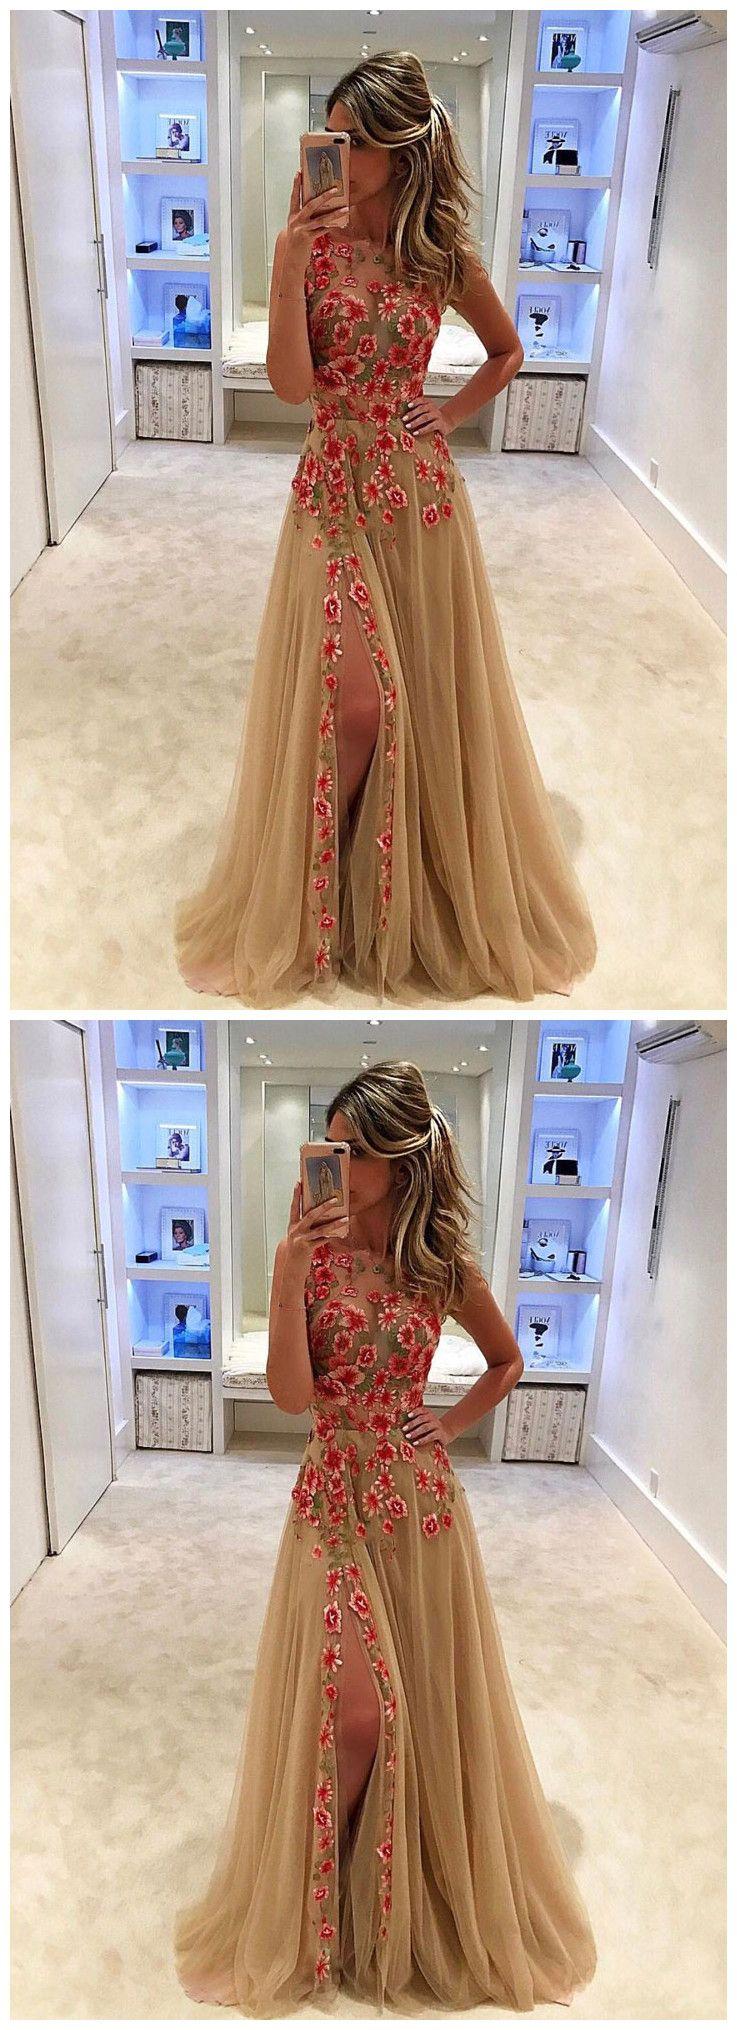 f49d941d20 Unique Champagne Tulle Applique Long Prom Dress